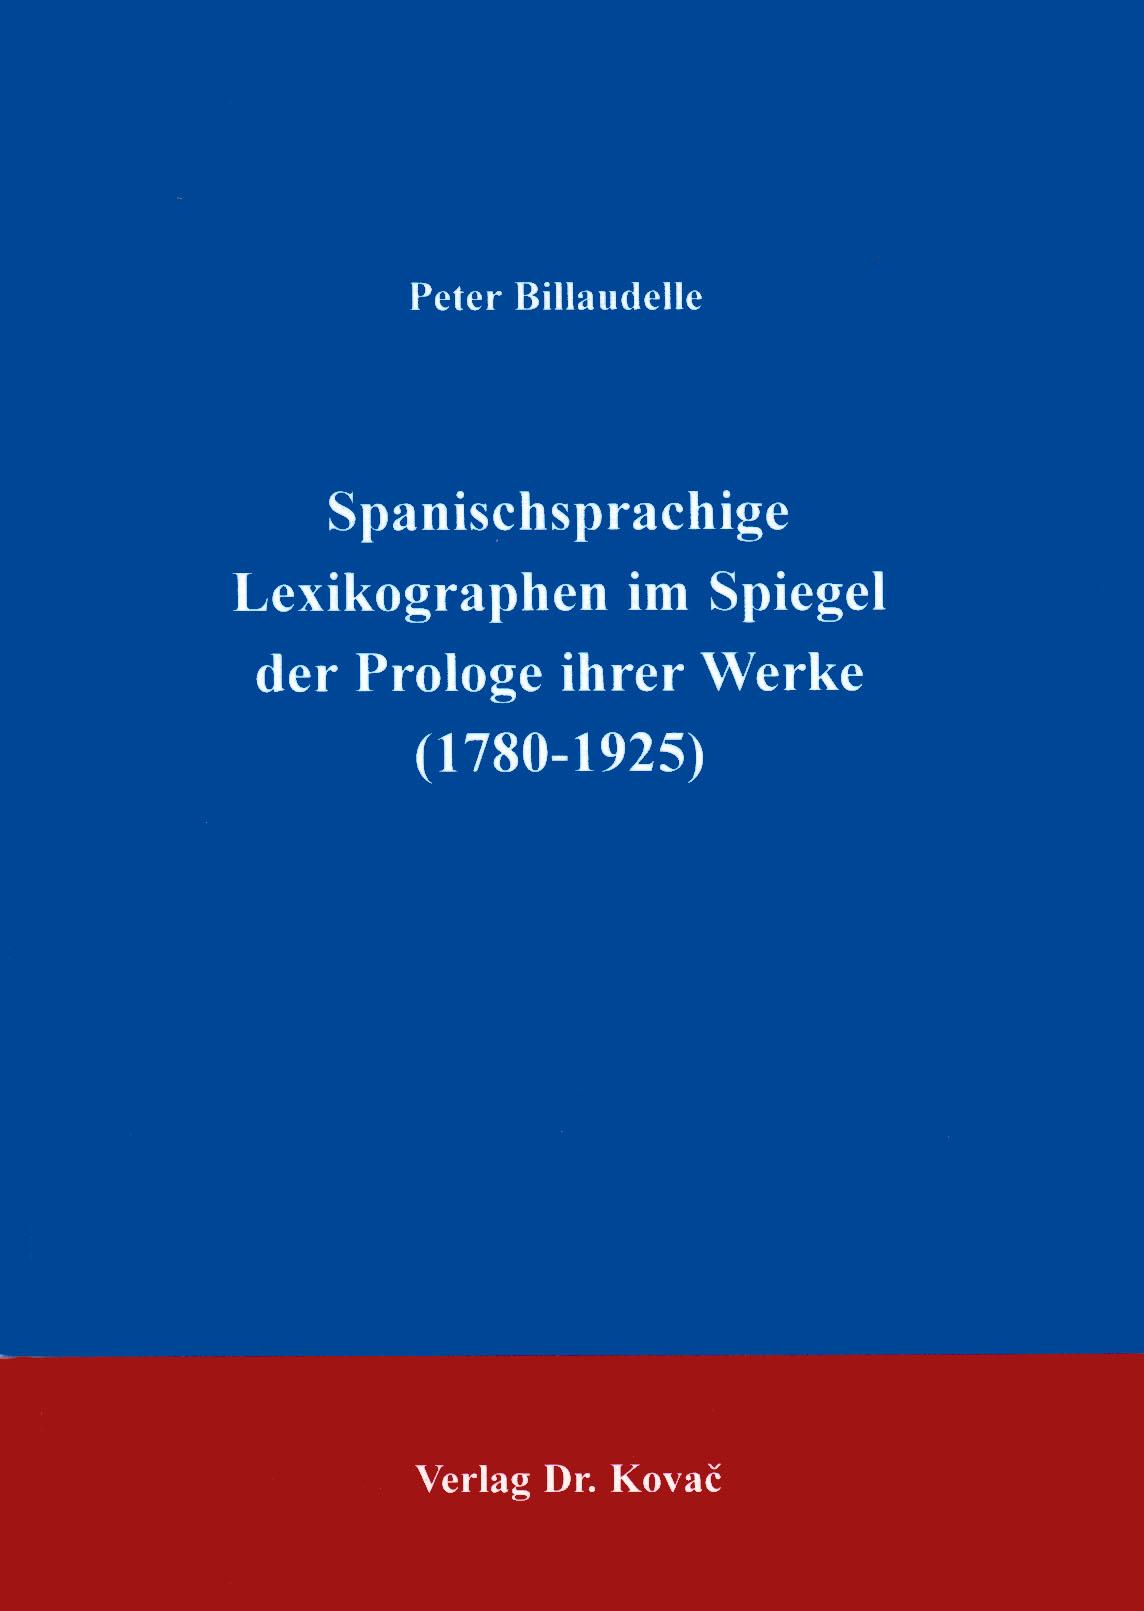 Cover: Spanischsprachige Lexikographen im Spiegel der Prologe ihrer Werke (1780-1925)